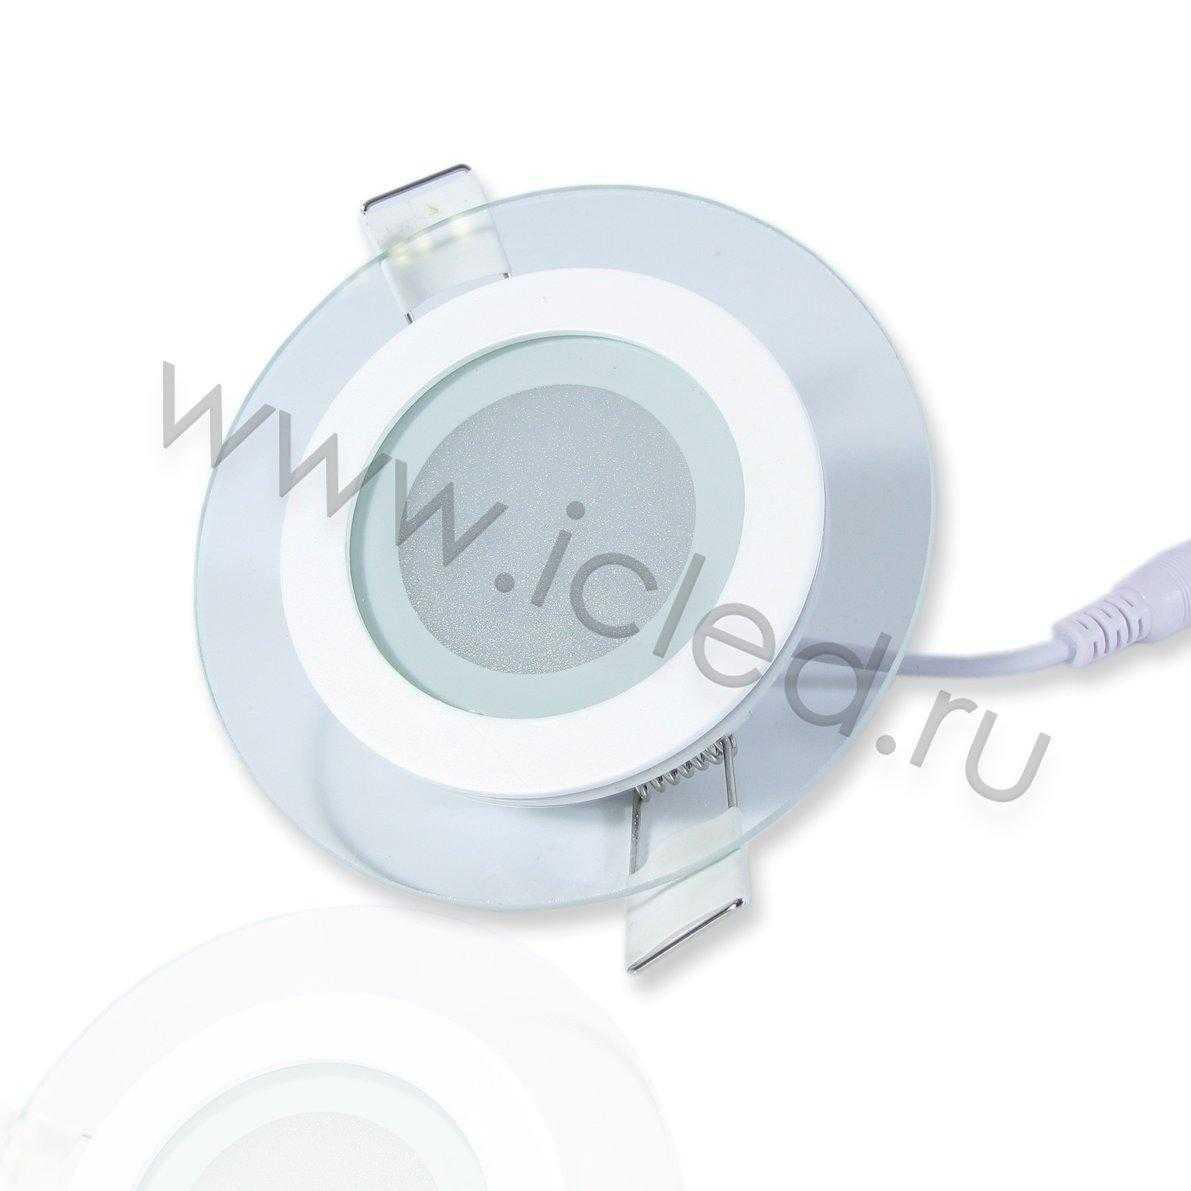 Светодиодный светильник потолочный IC-RW D100 (6W, Warm White)